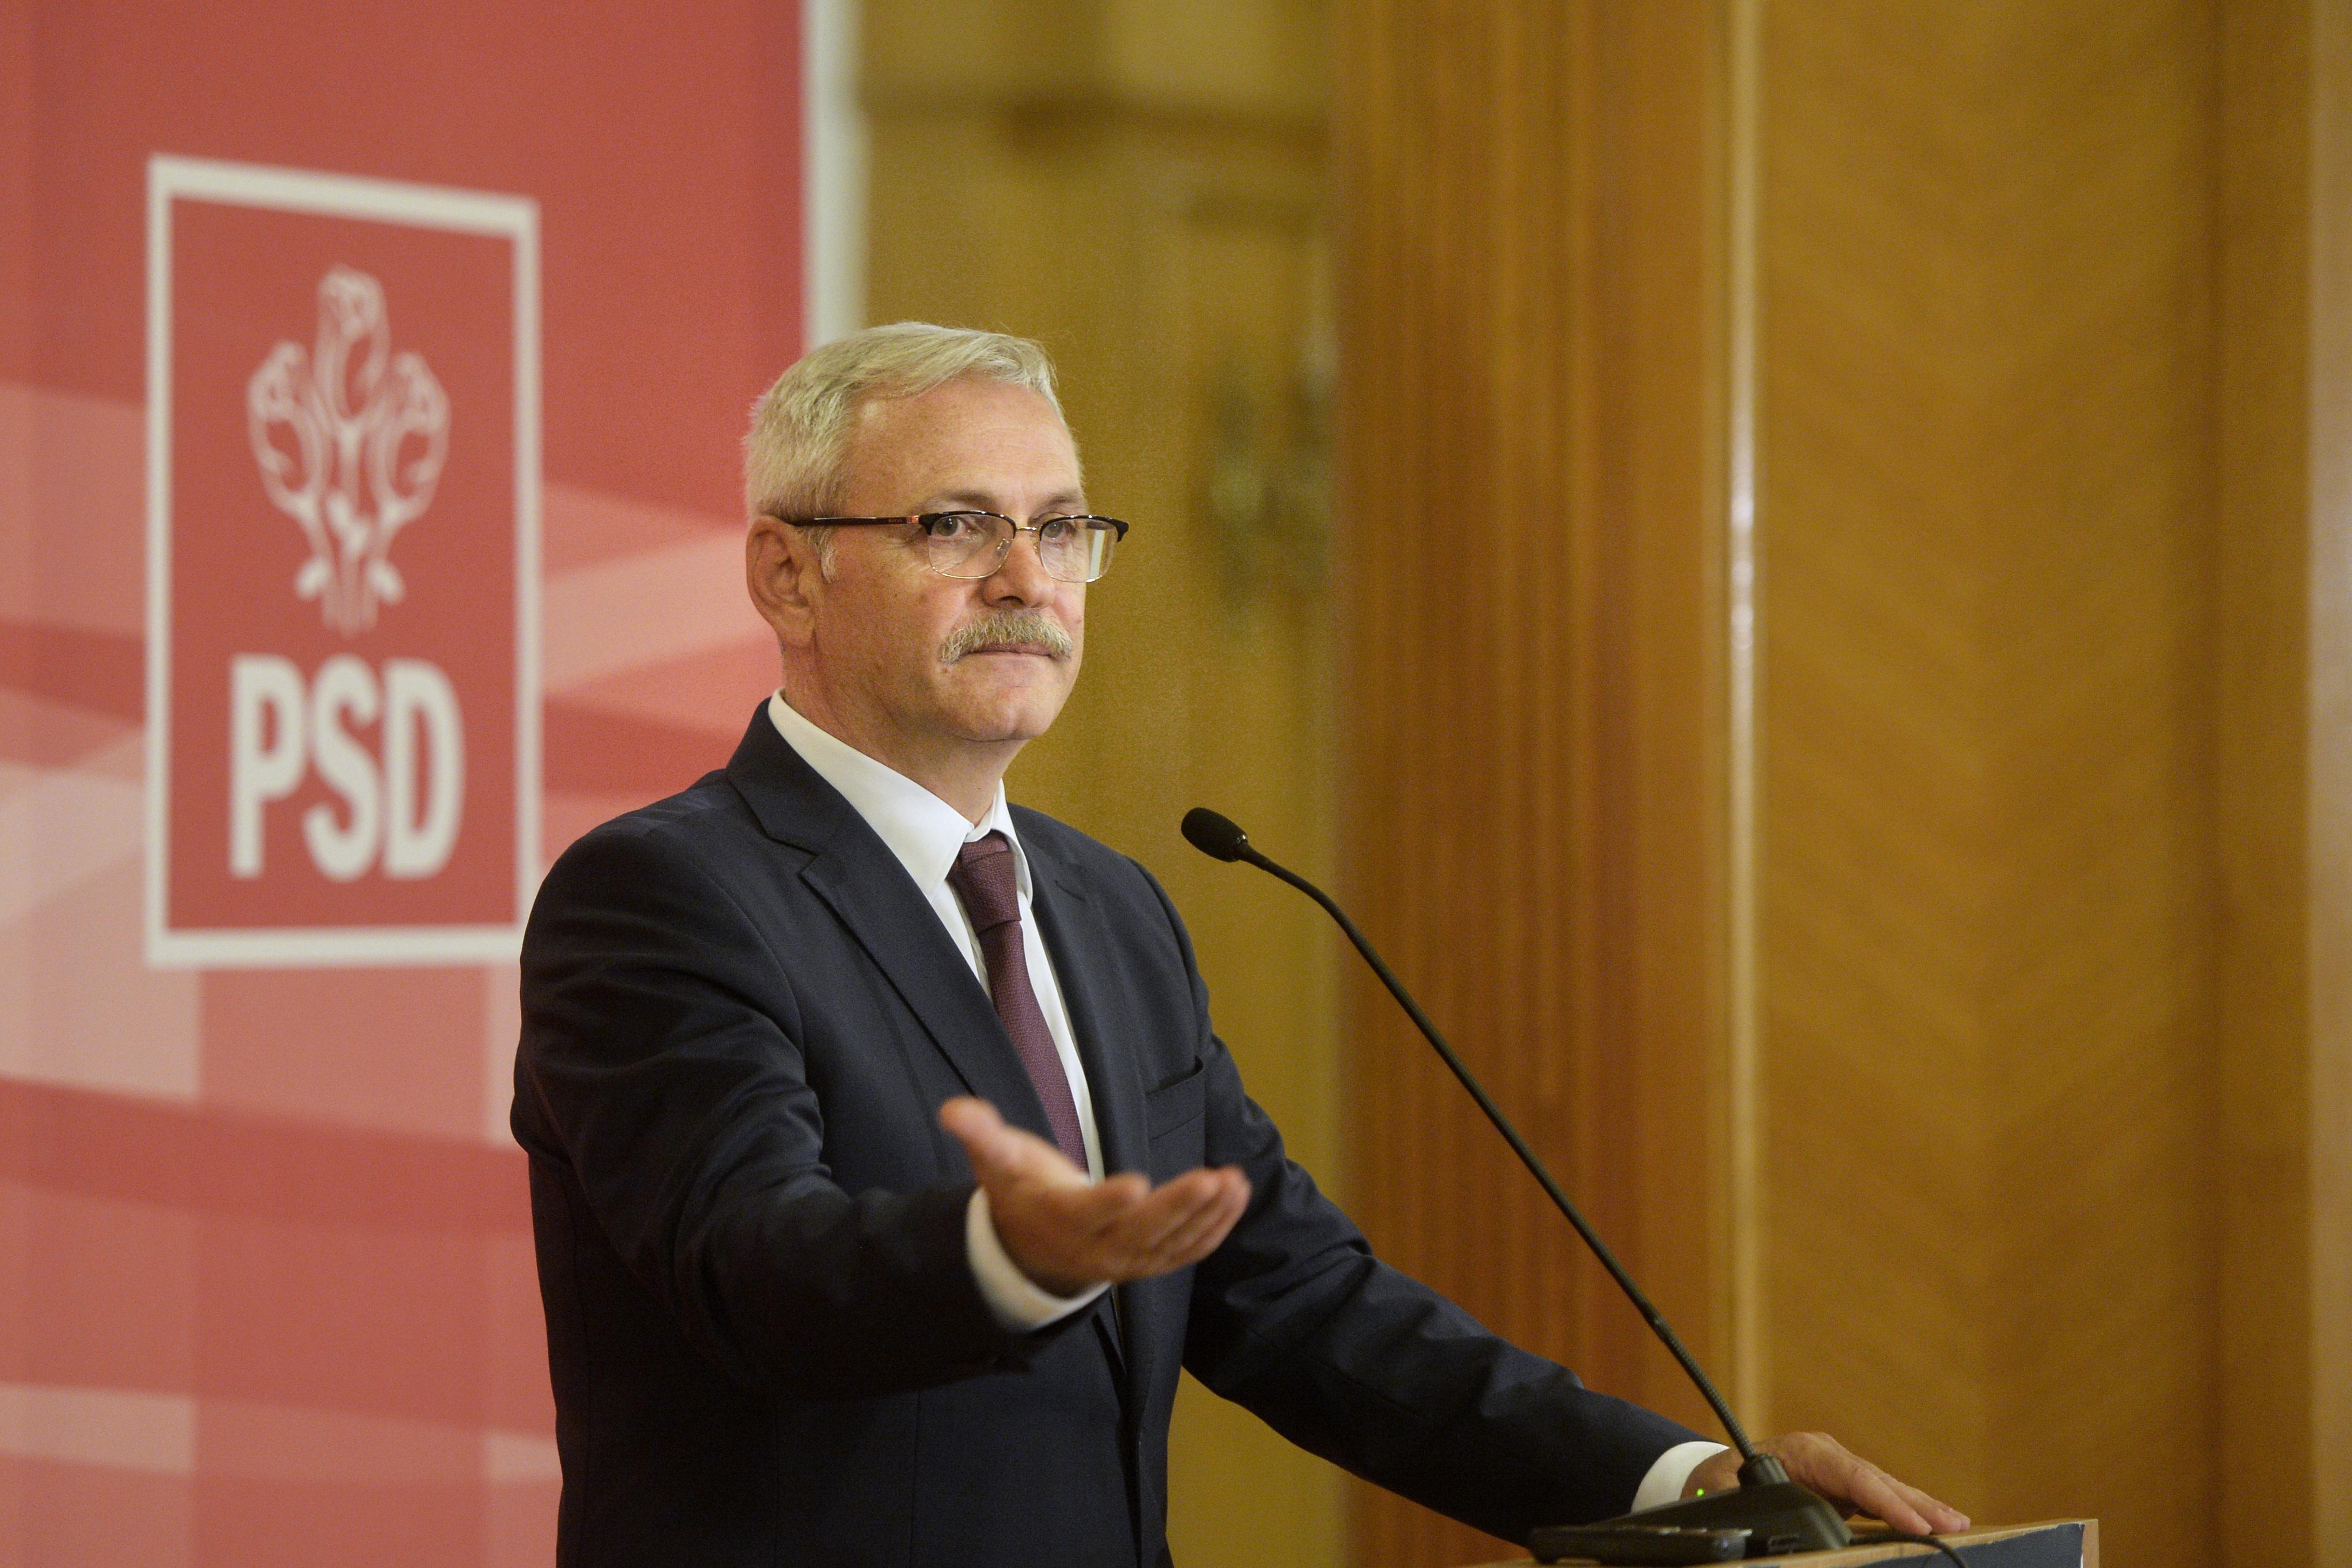 CONFRUNTARE câştigată de Dragnea în PSD: Vot de ÎNCREDERE masiv la CExN/ Firea, cifre diferite: Au fost 10 voturi să facă un pas lateral. Cum explică numărul mic de susţinători | VIDEO